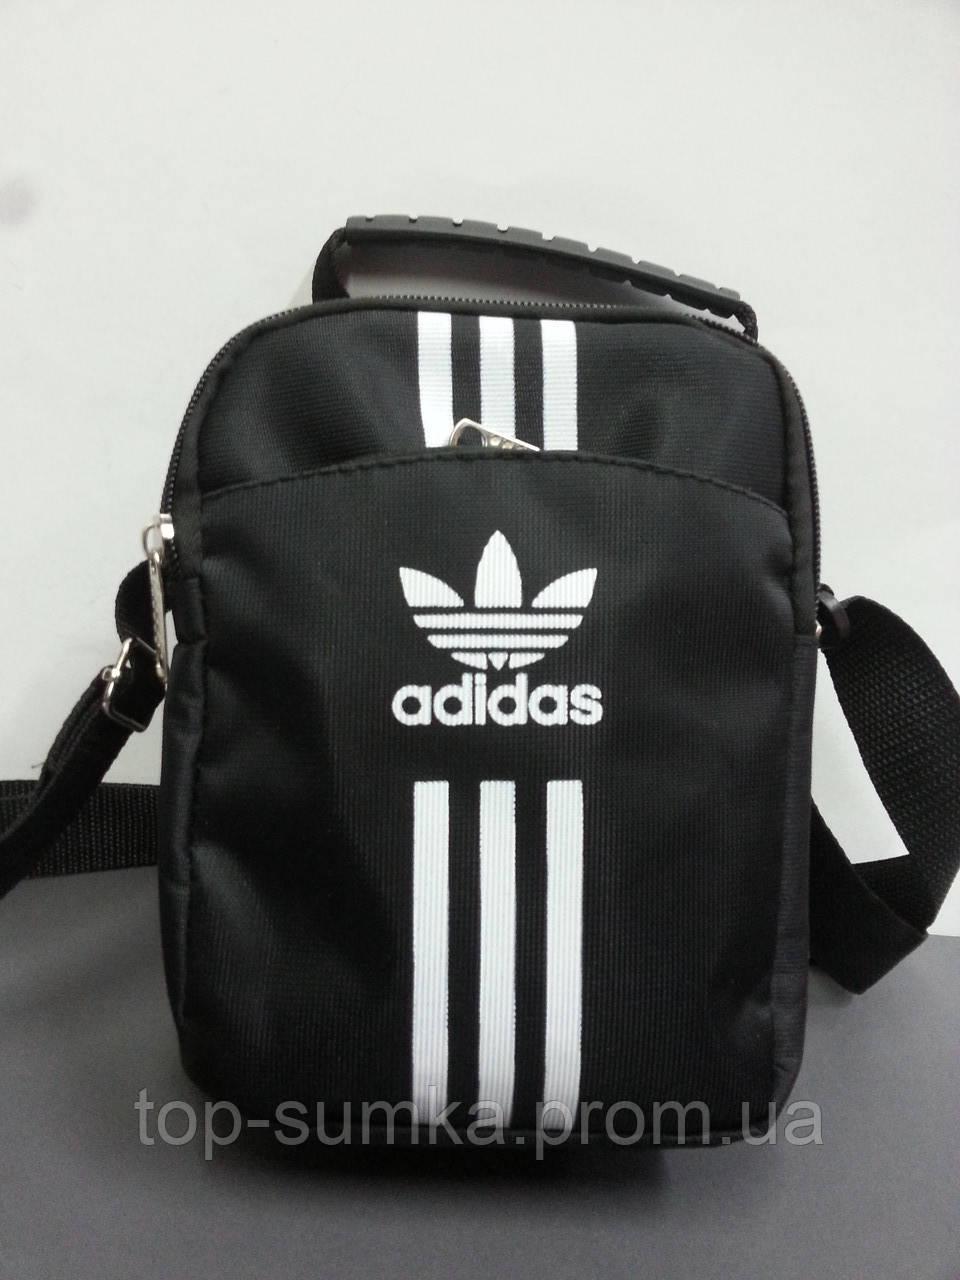 c9fa0cca08cc Барсетка спортивная Adidas средняя 18,5 х 13,5 х 8 ., цена 125 грн ...